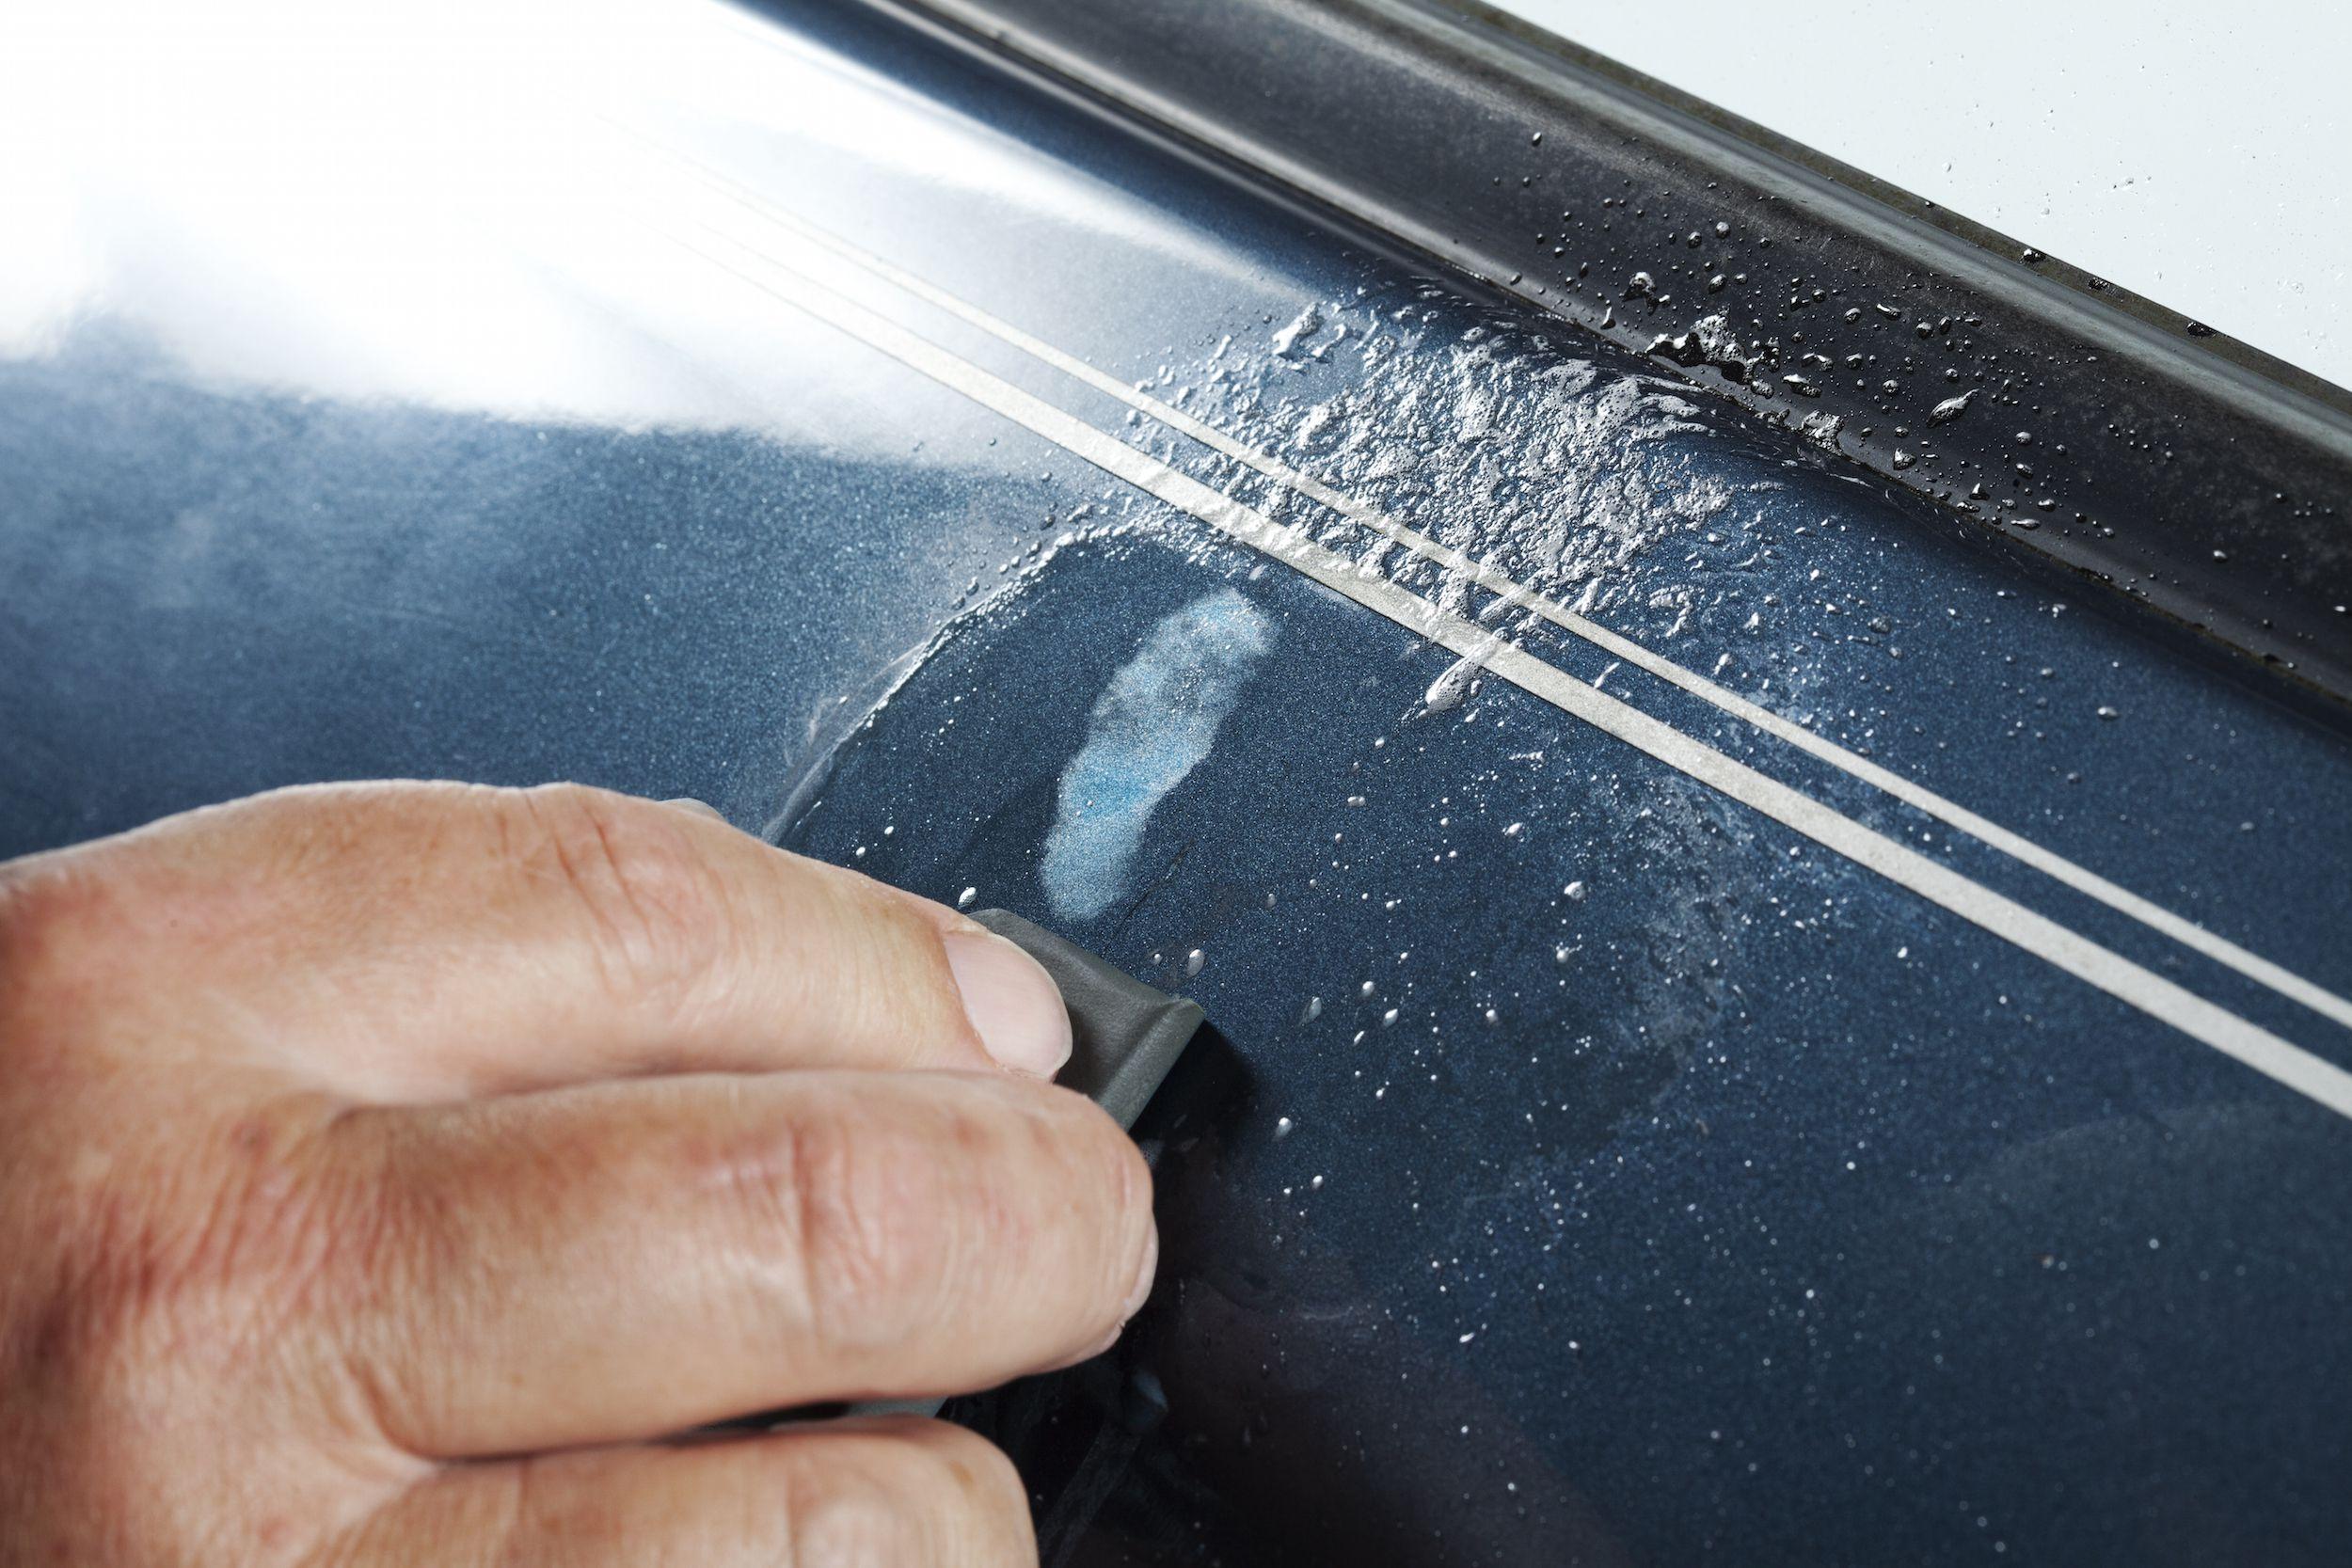 Car Scratch Remover & Repair 2019 - How to Fix Car Scratches